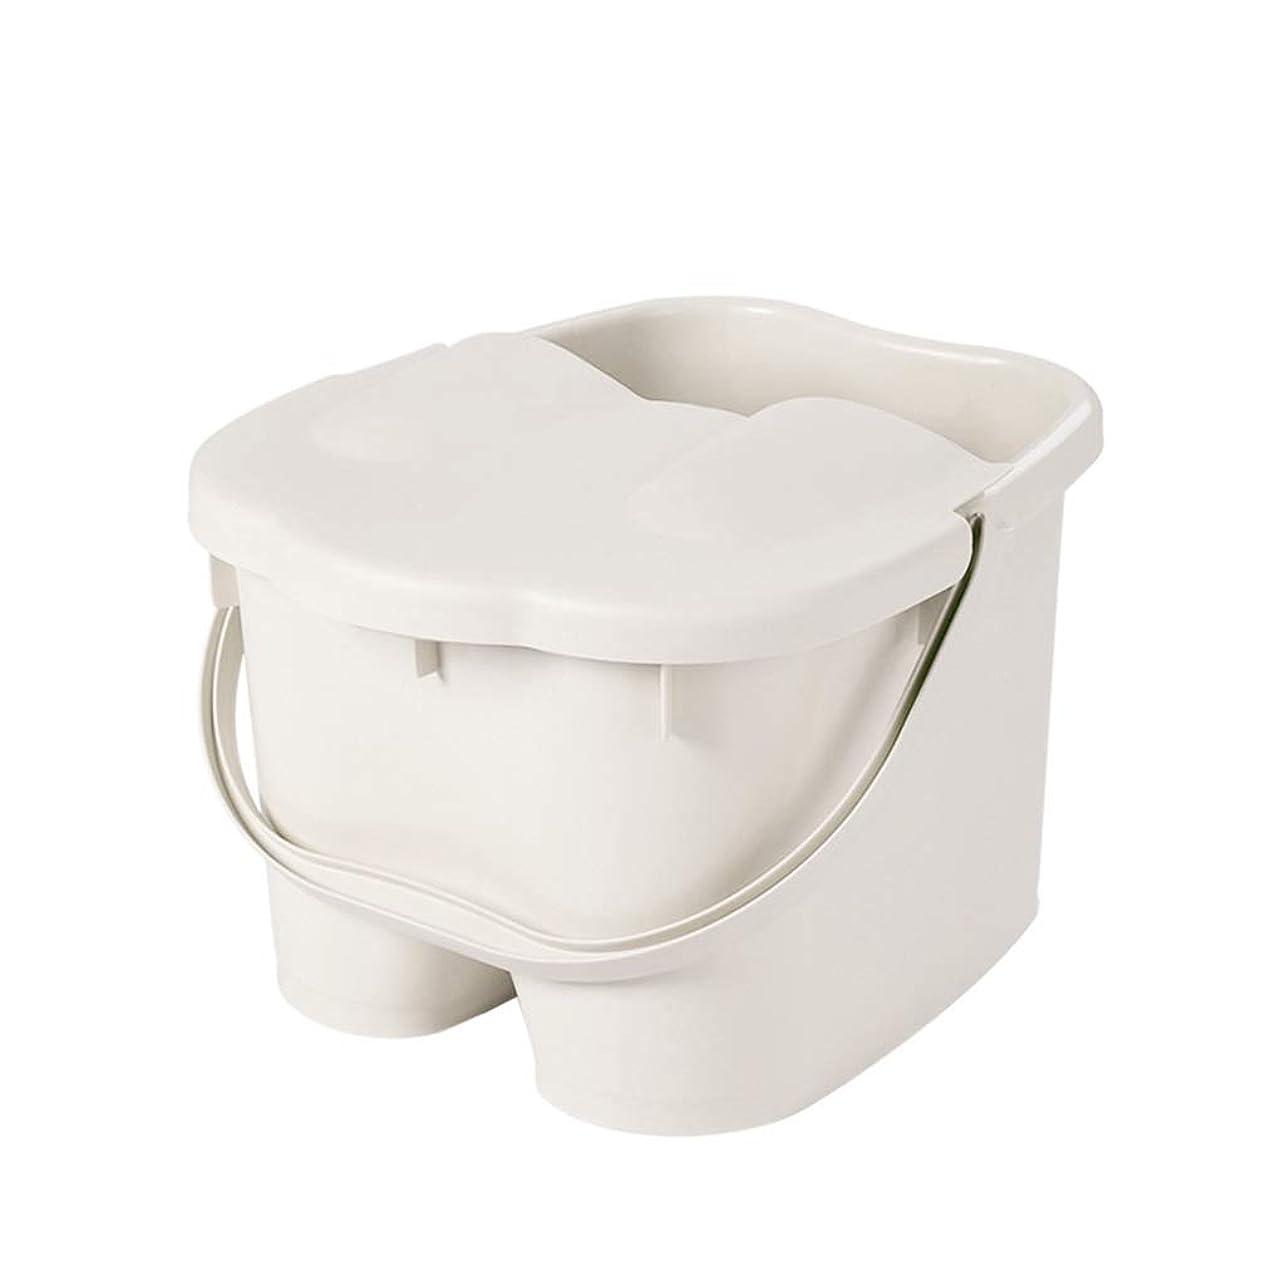 鳴らすほのめかす振幅フットバスバレル- ?AMTポータブルマッサージ浴槽プラスチック足湯バケツ付き蓋保温足風呂盆地大人スパボウル世帯 Relax foot (色 : 白, サイズ さいず : 26.5*29.5*23cm)